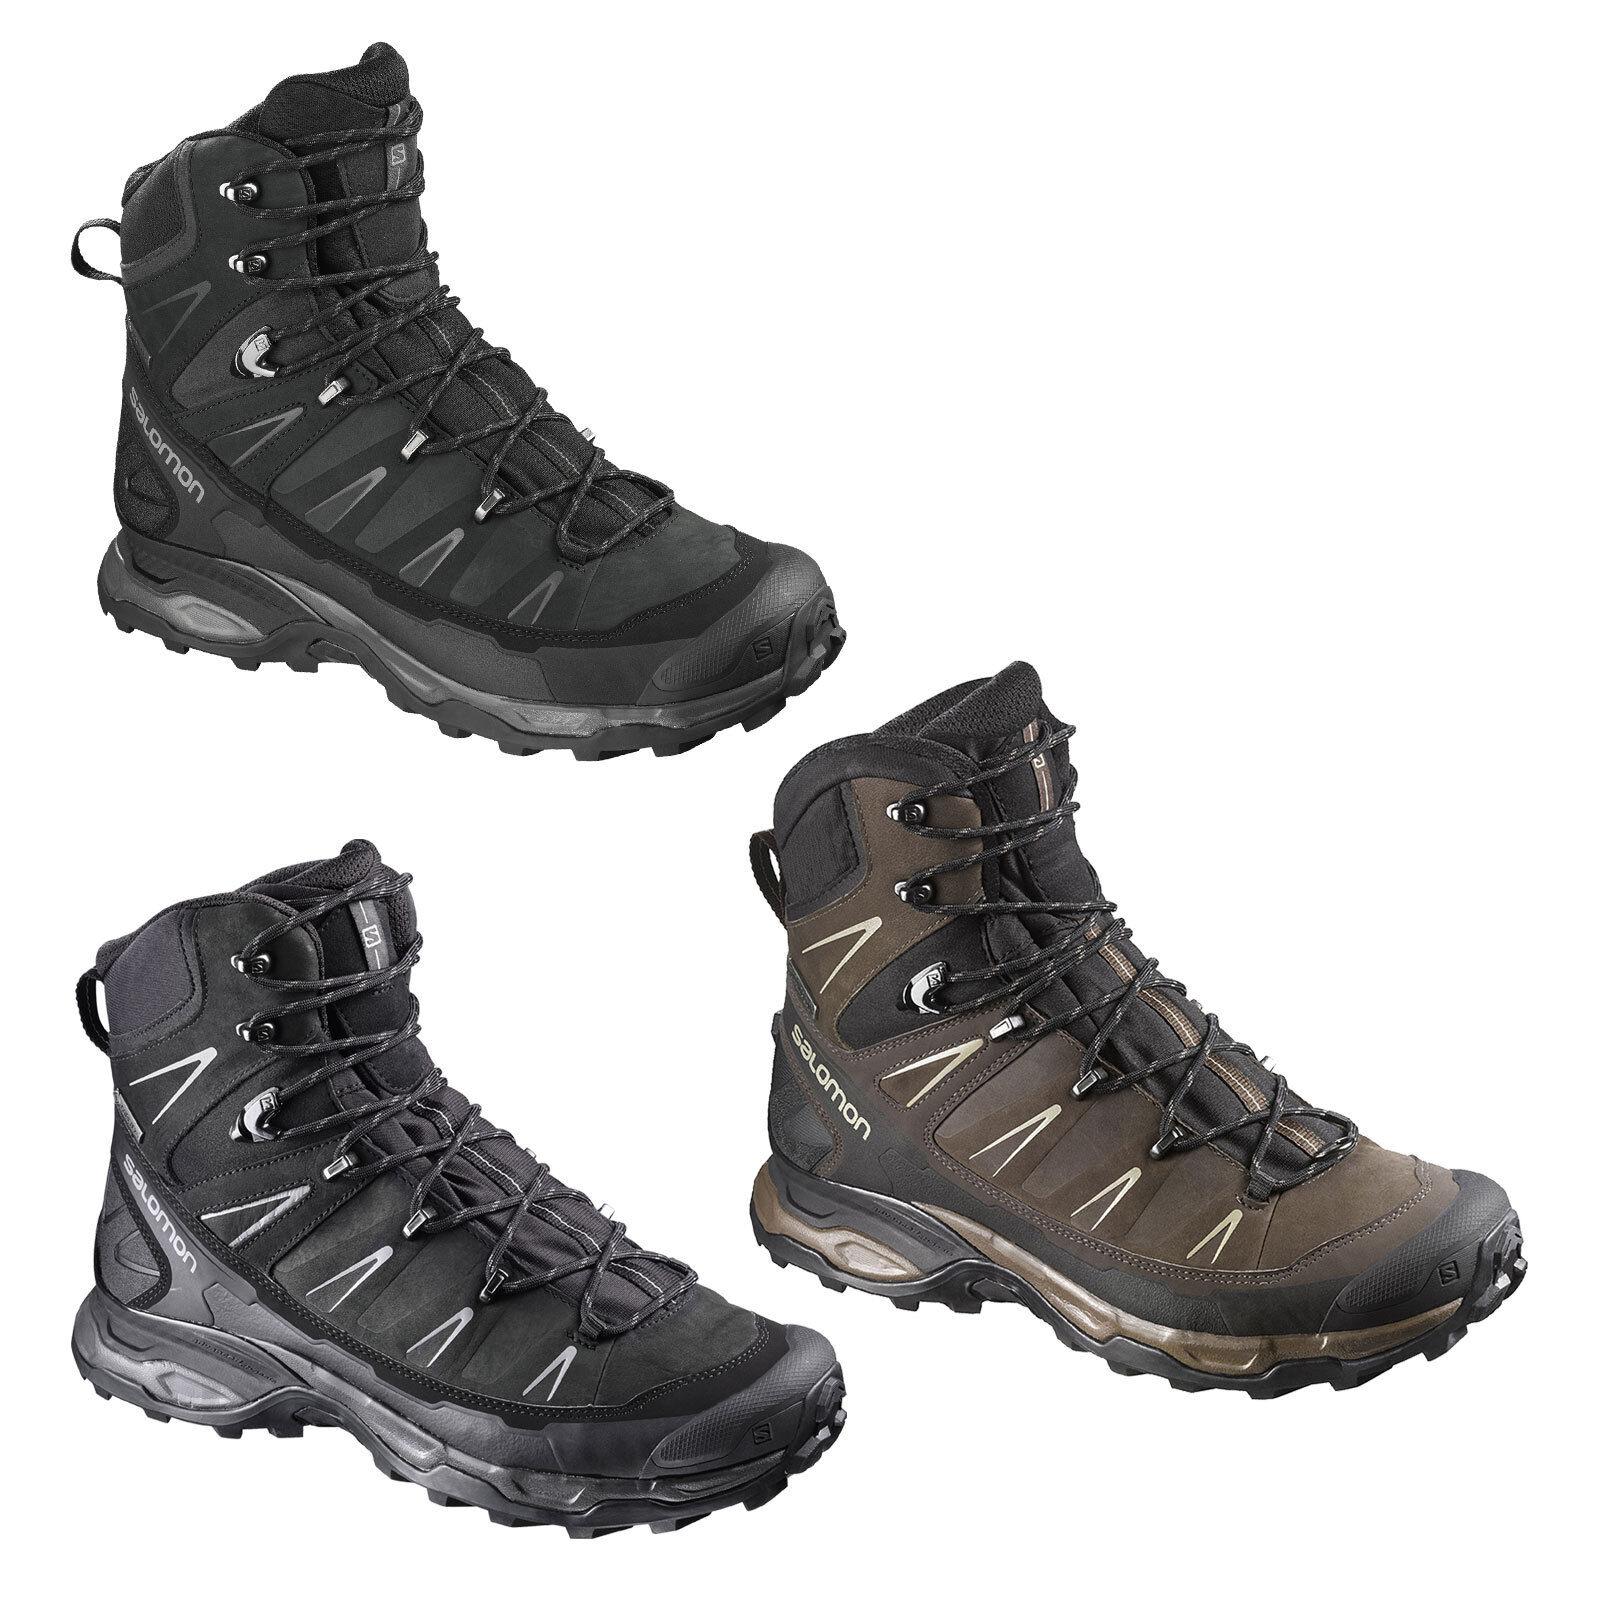 Salomon X Ultra Trek GTX GoreTex wasserdicht Herren-Wanderschuhe Stiefel Trekking  | Räumungsverkauf